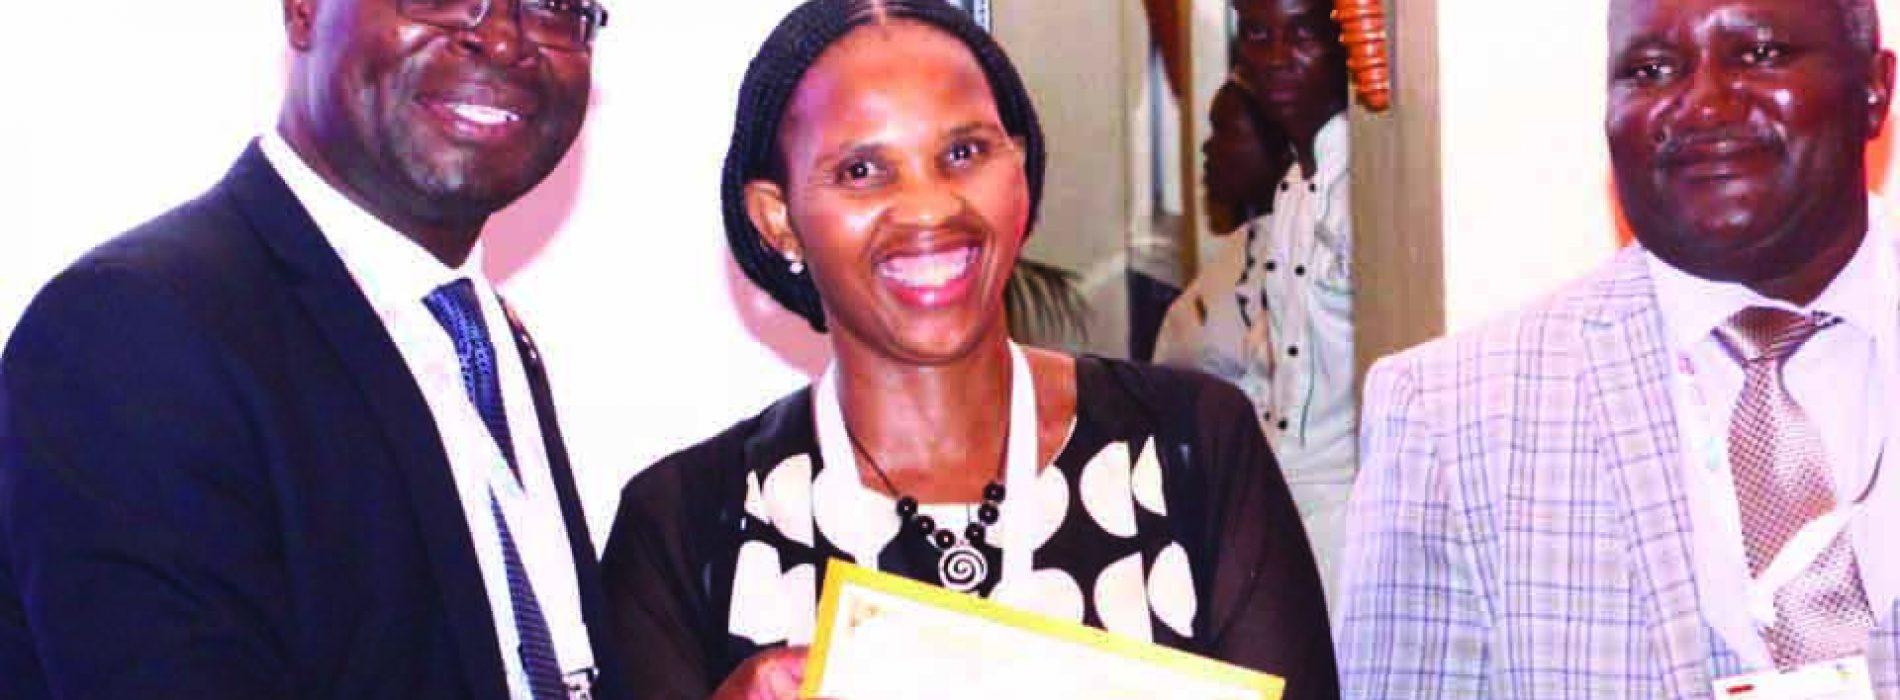 Dr Nkhabutlane makes Lesotho proud!